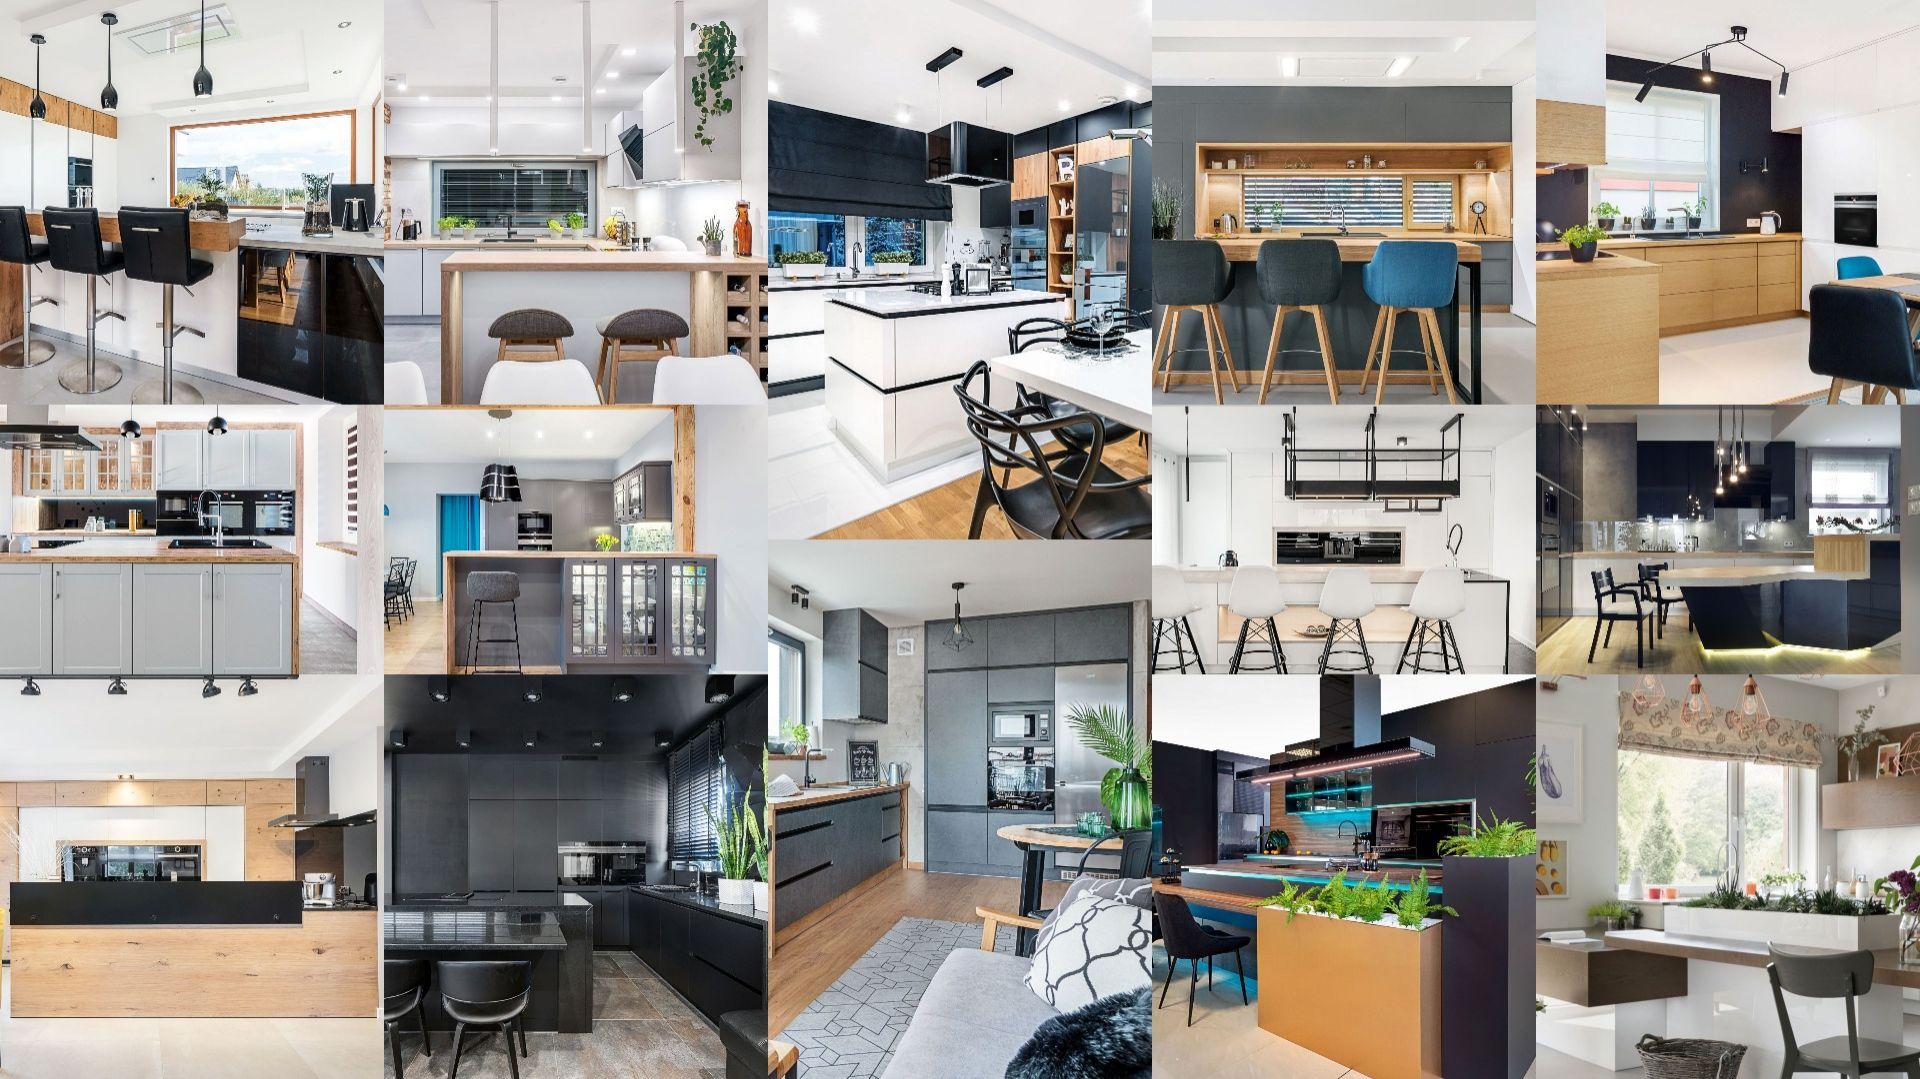 Konkurs Kuchnia - Studio Roku 2020: Wybierz najlepszą realizację kuchni!